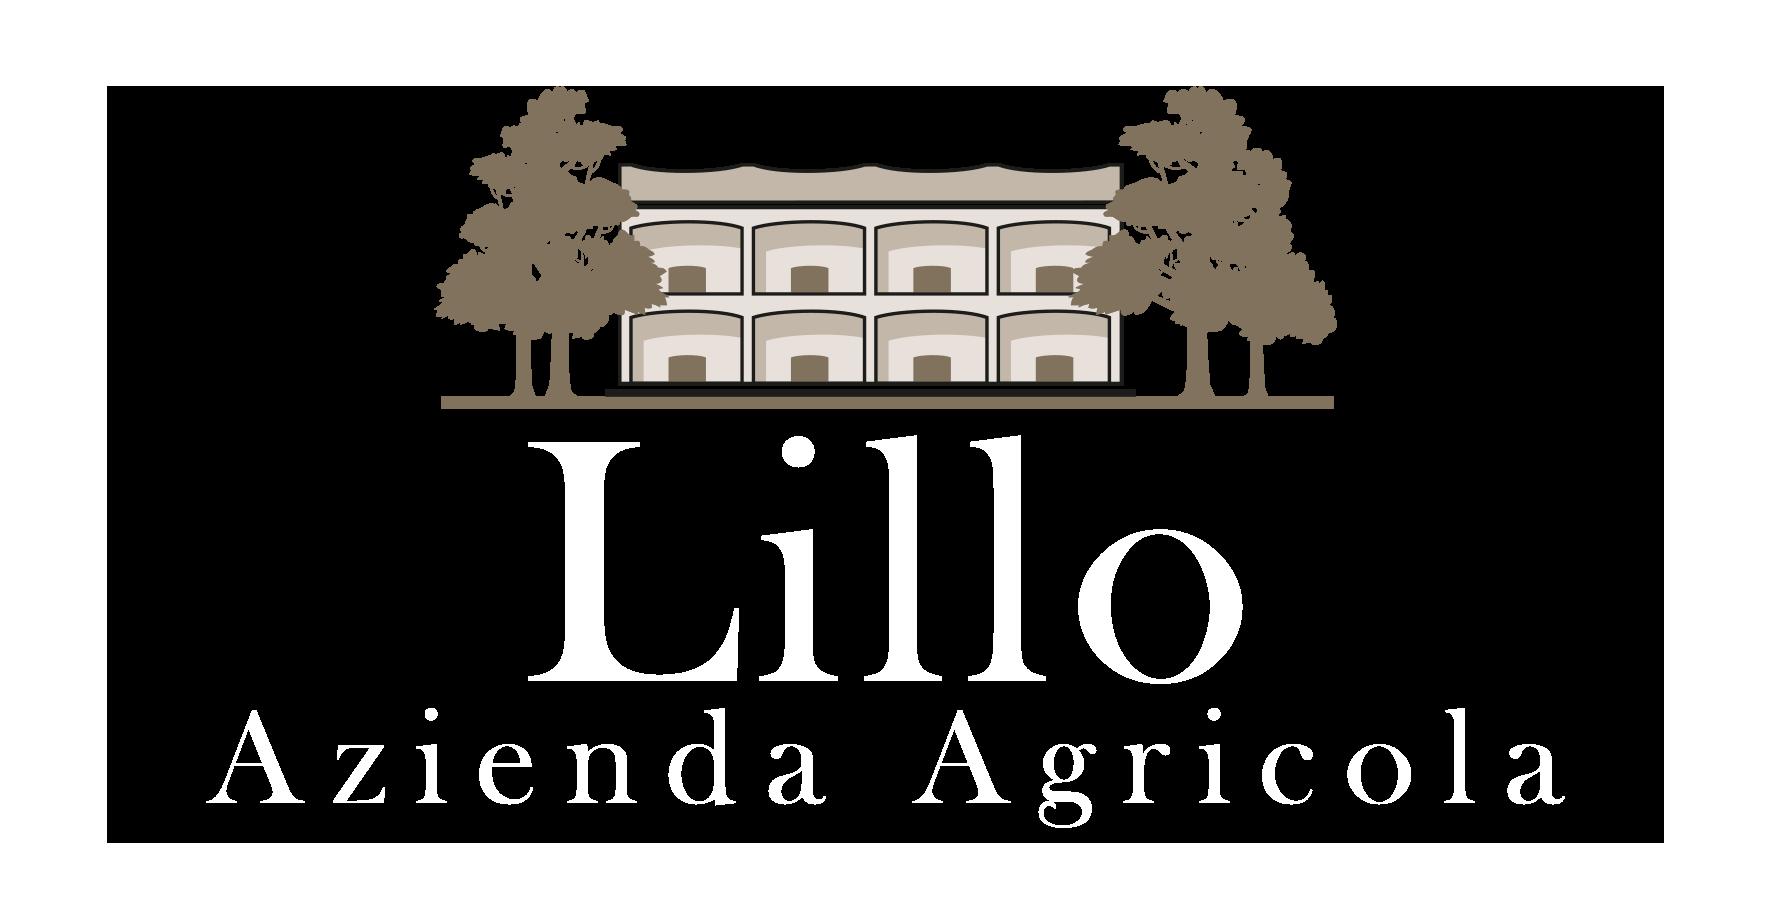 Azienda Lillo